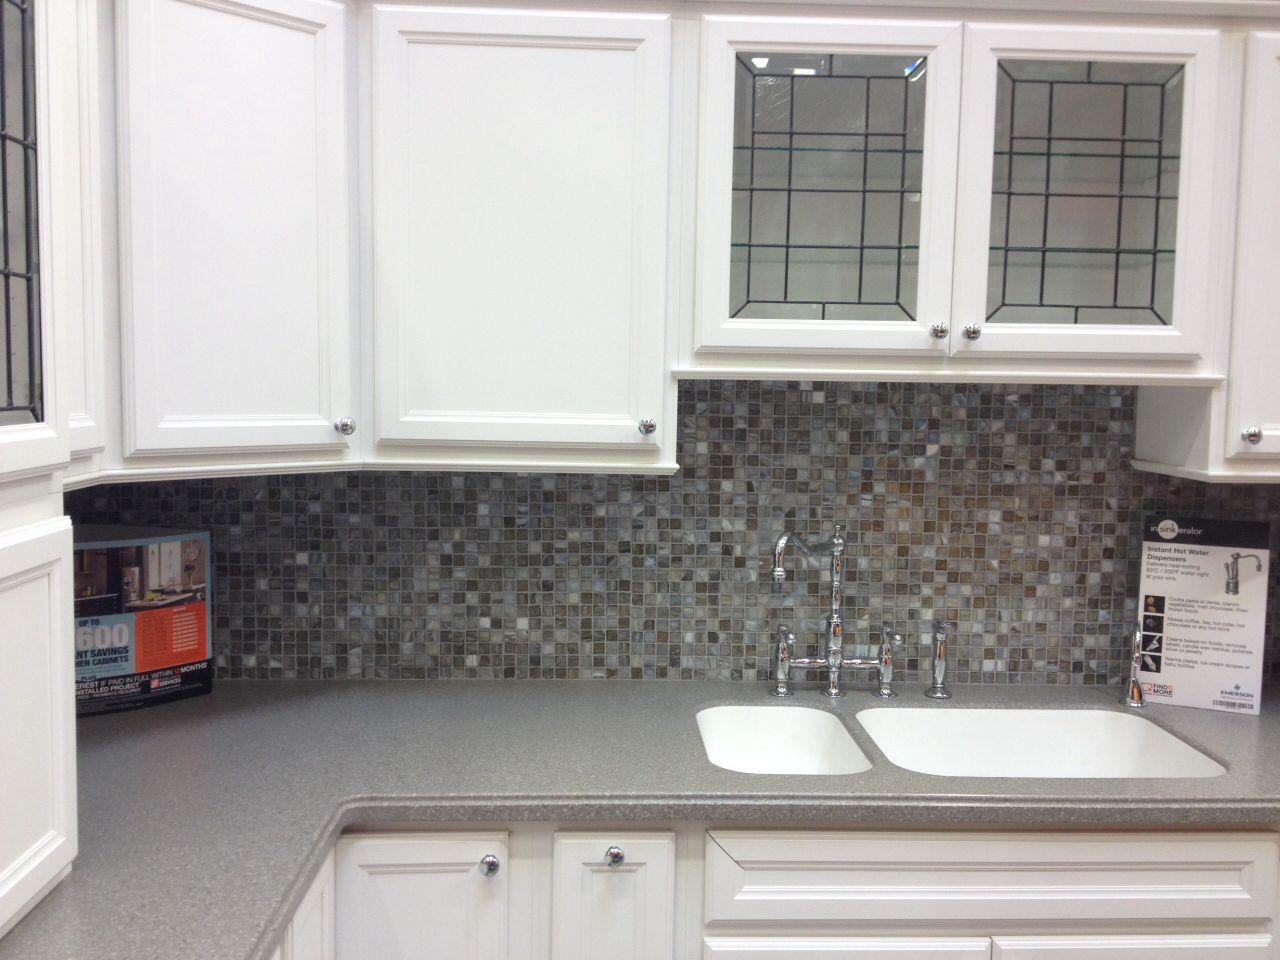 home depot kitchen backsplash tiles tile backsplash home depot new house pinterest. Black Bedroom Furniture Sets. Home Design Ideas